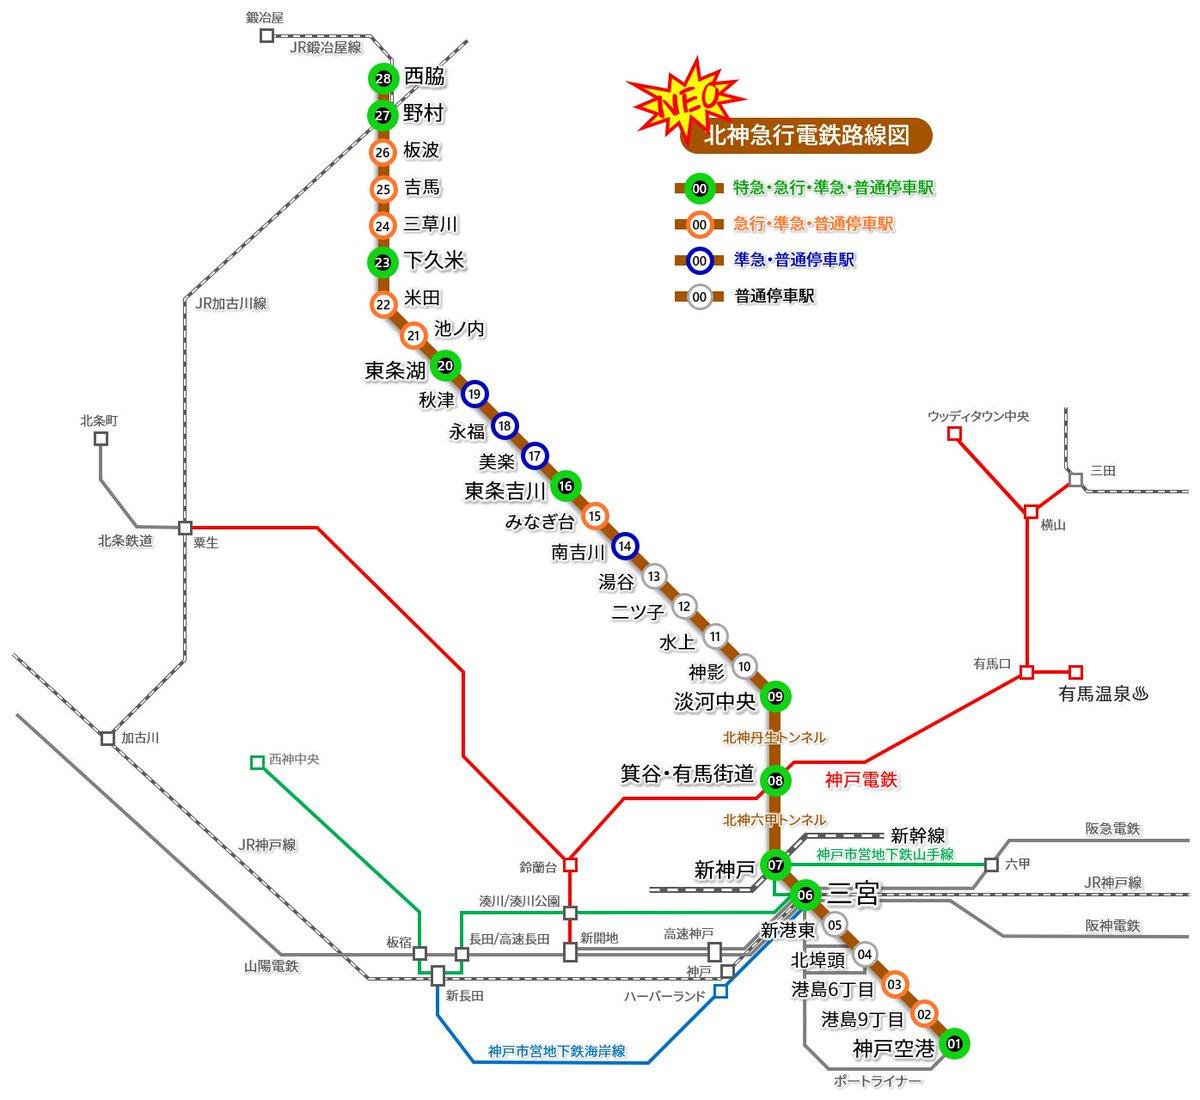 """KB546 בטוויטר: """"ネオ北神急行電鉄路線図… """""""